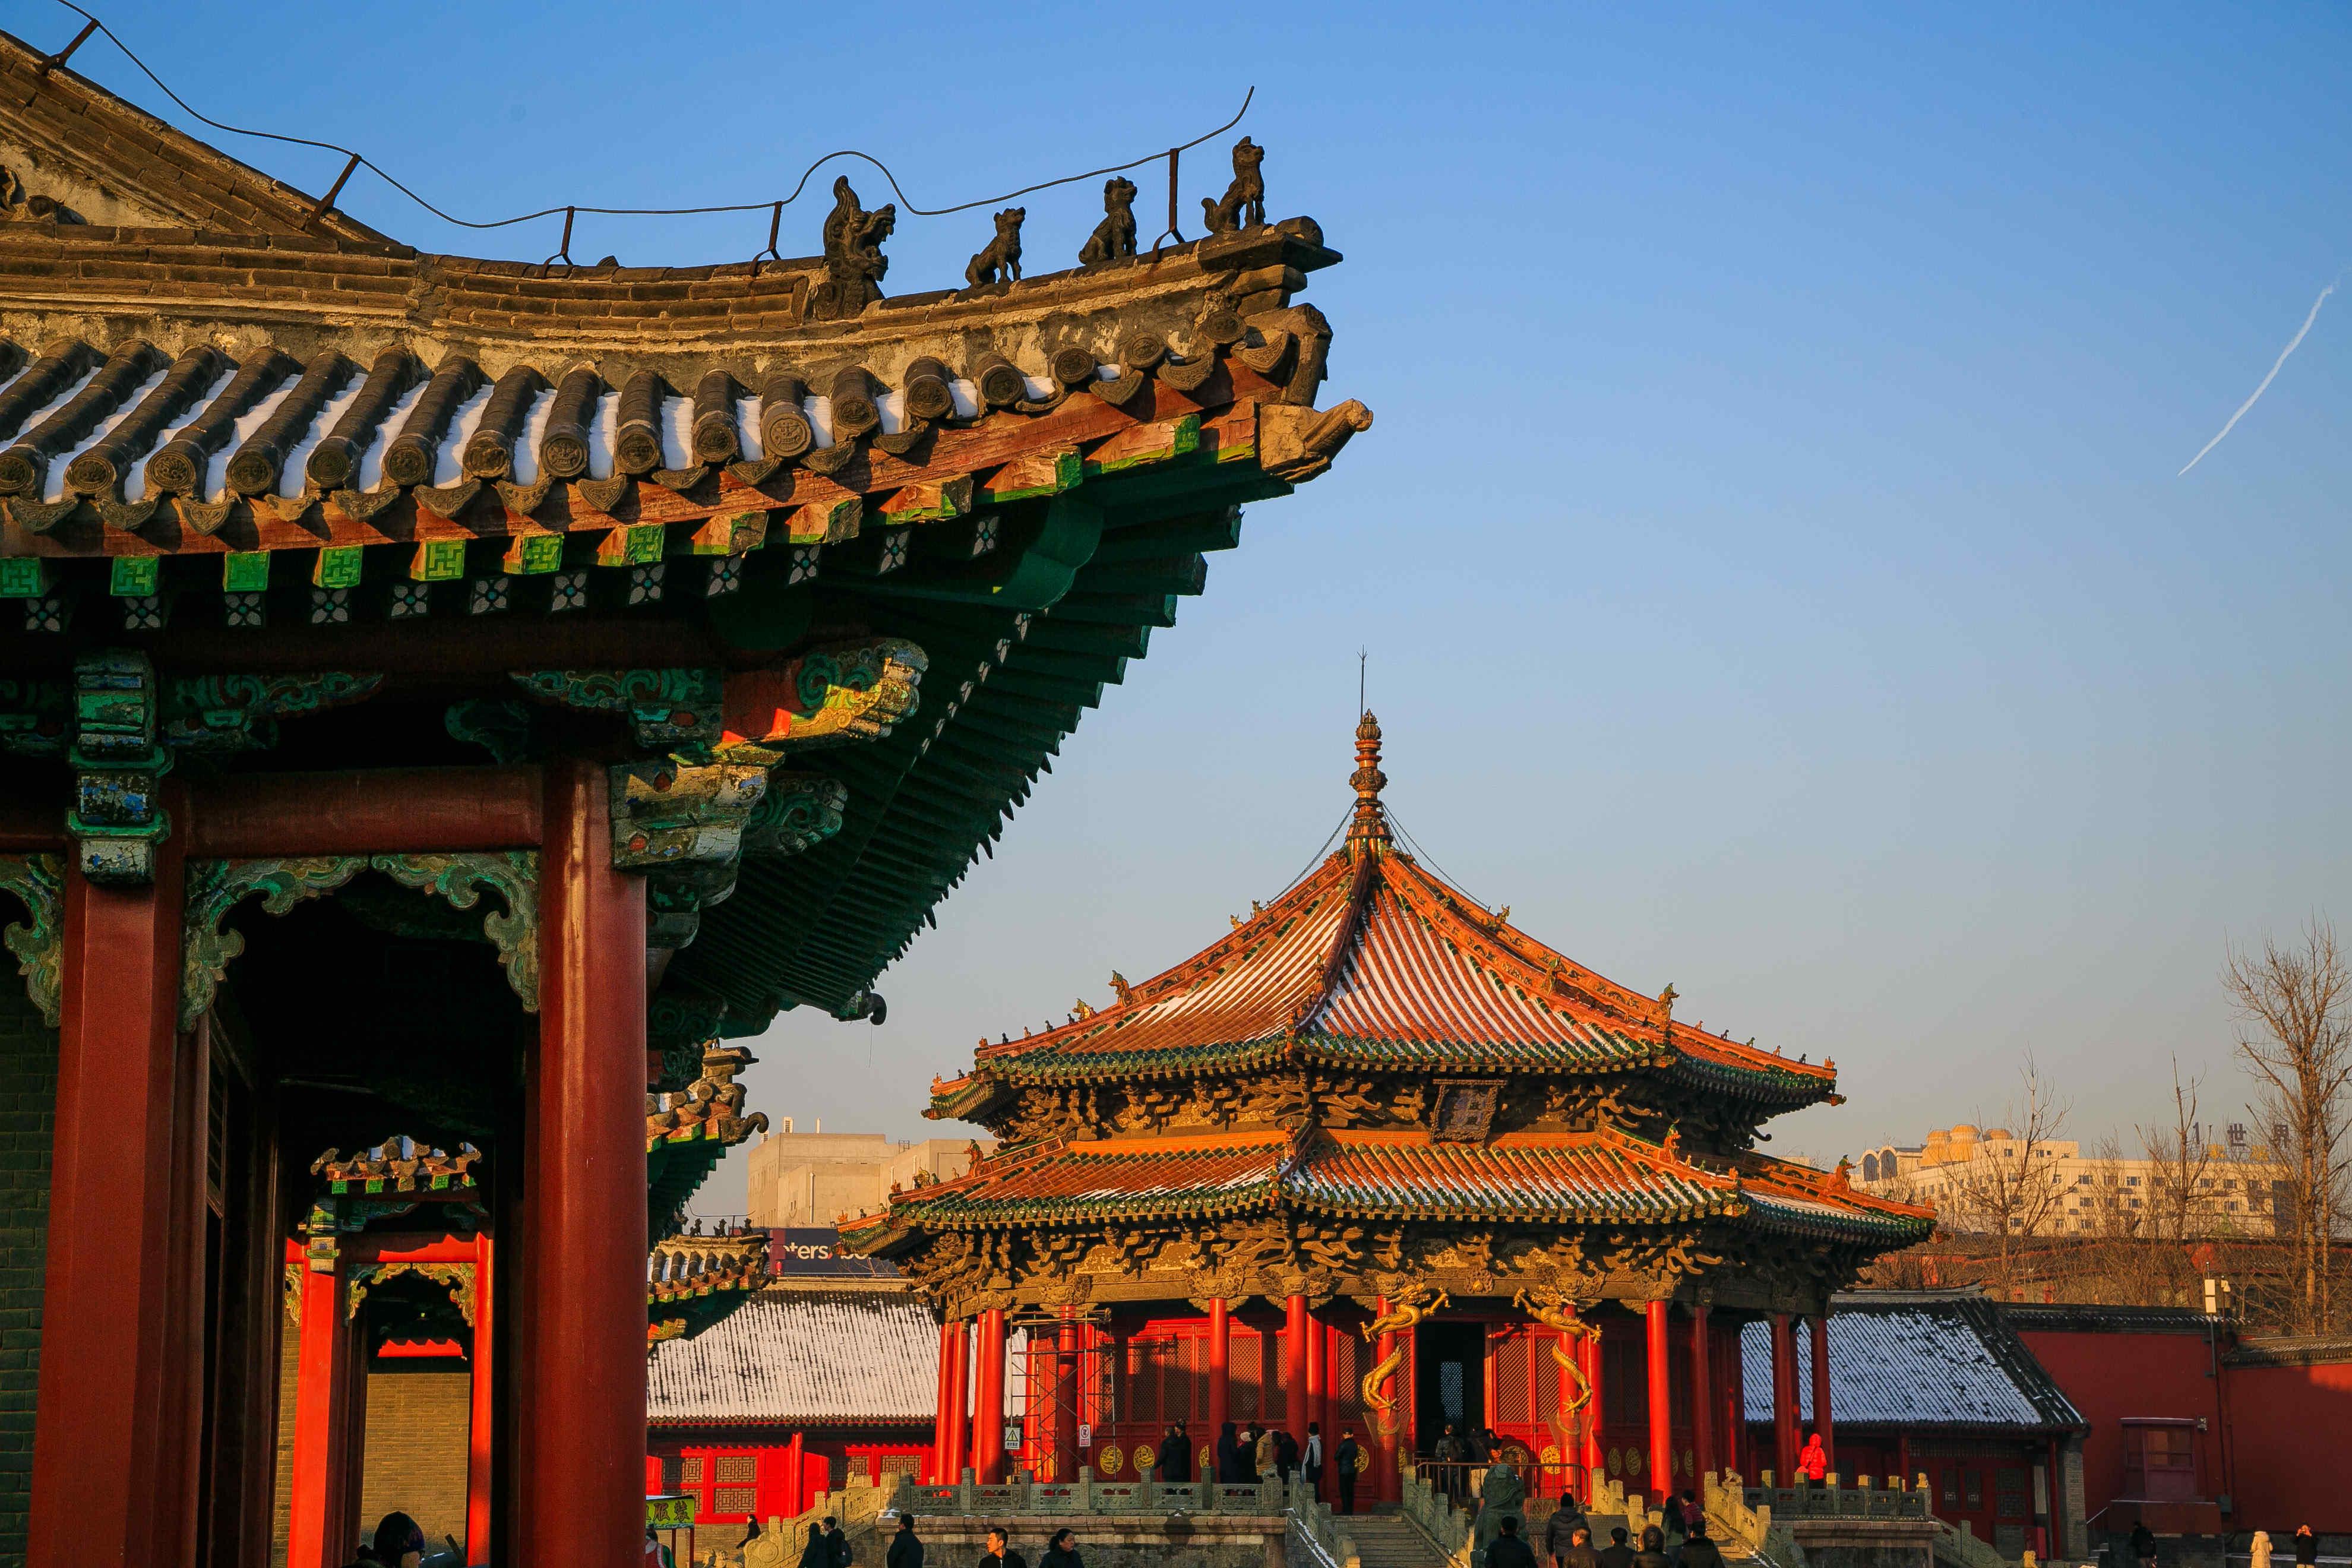 【团位紧张】纯净北京四天三晚天安门故宫+恭王府+八达岭+鸟巢水立方+圆明园天坛颐和园